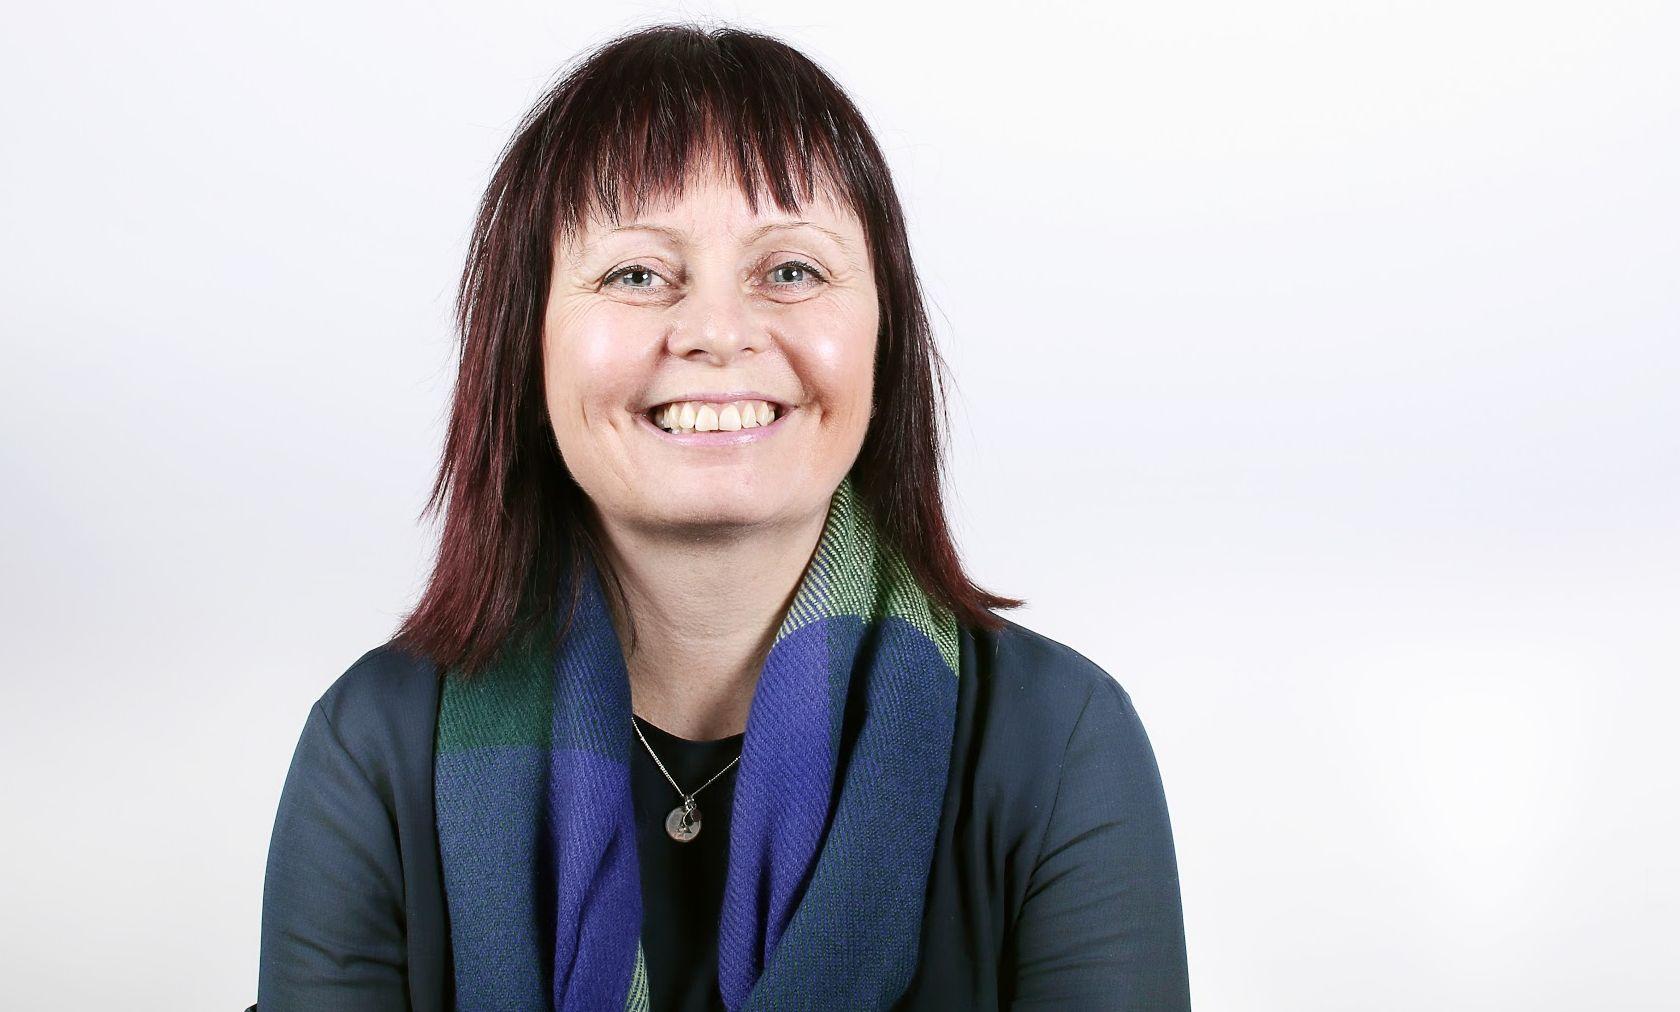 Anne Kristin Bryne om ungdomsarbeidsledighet